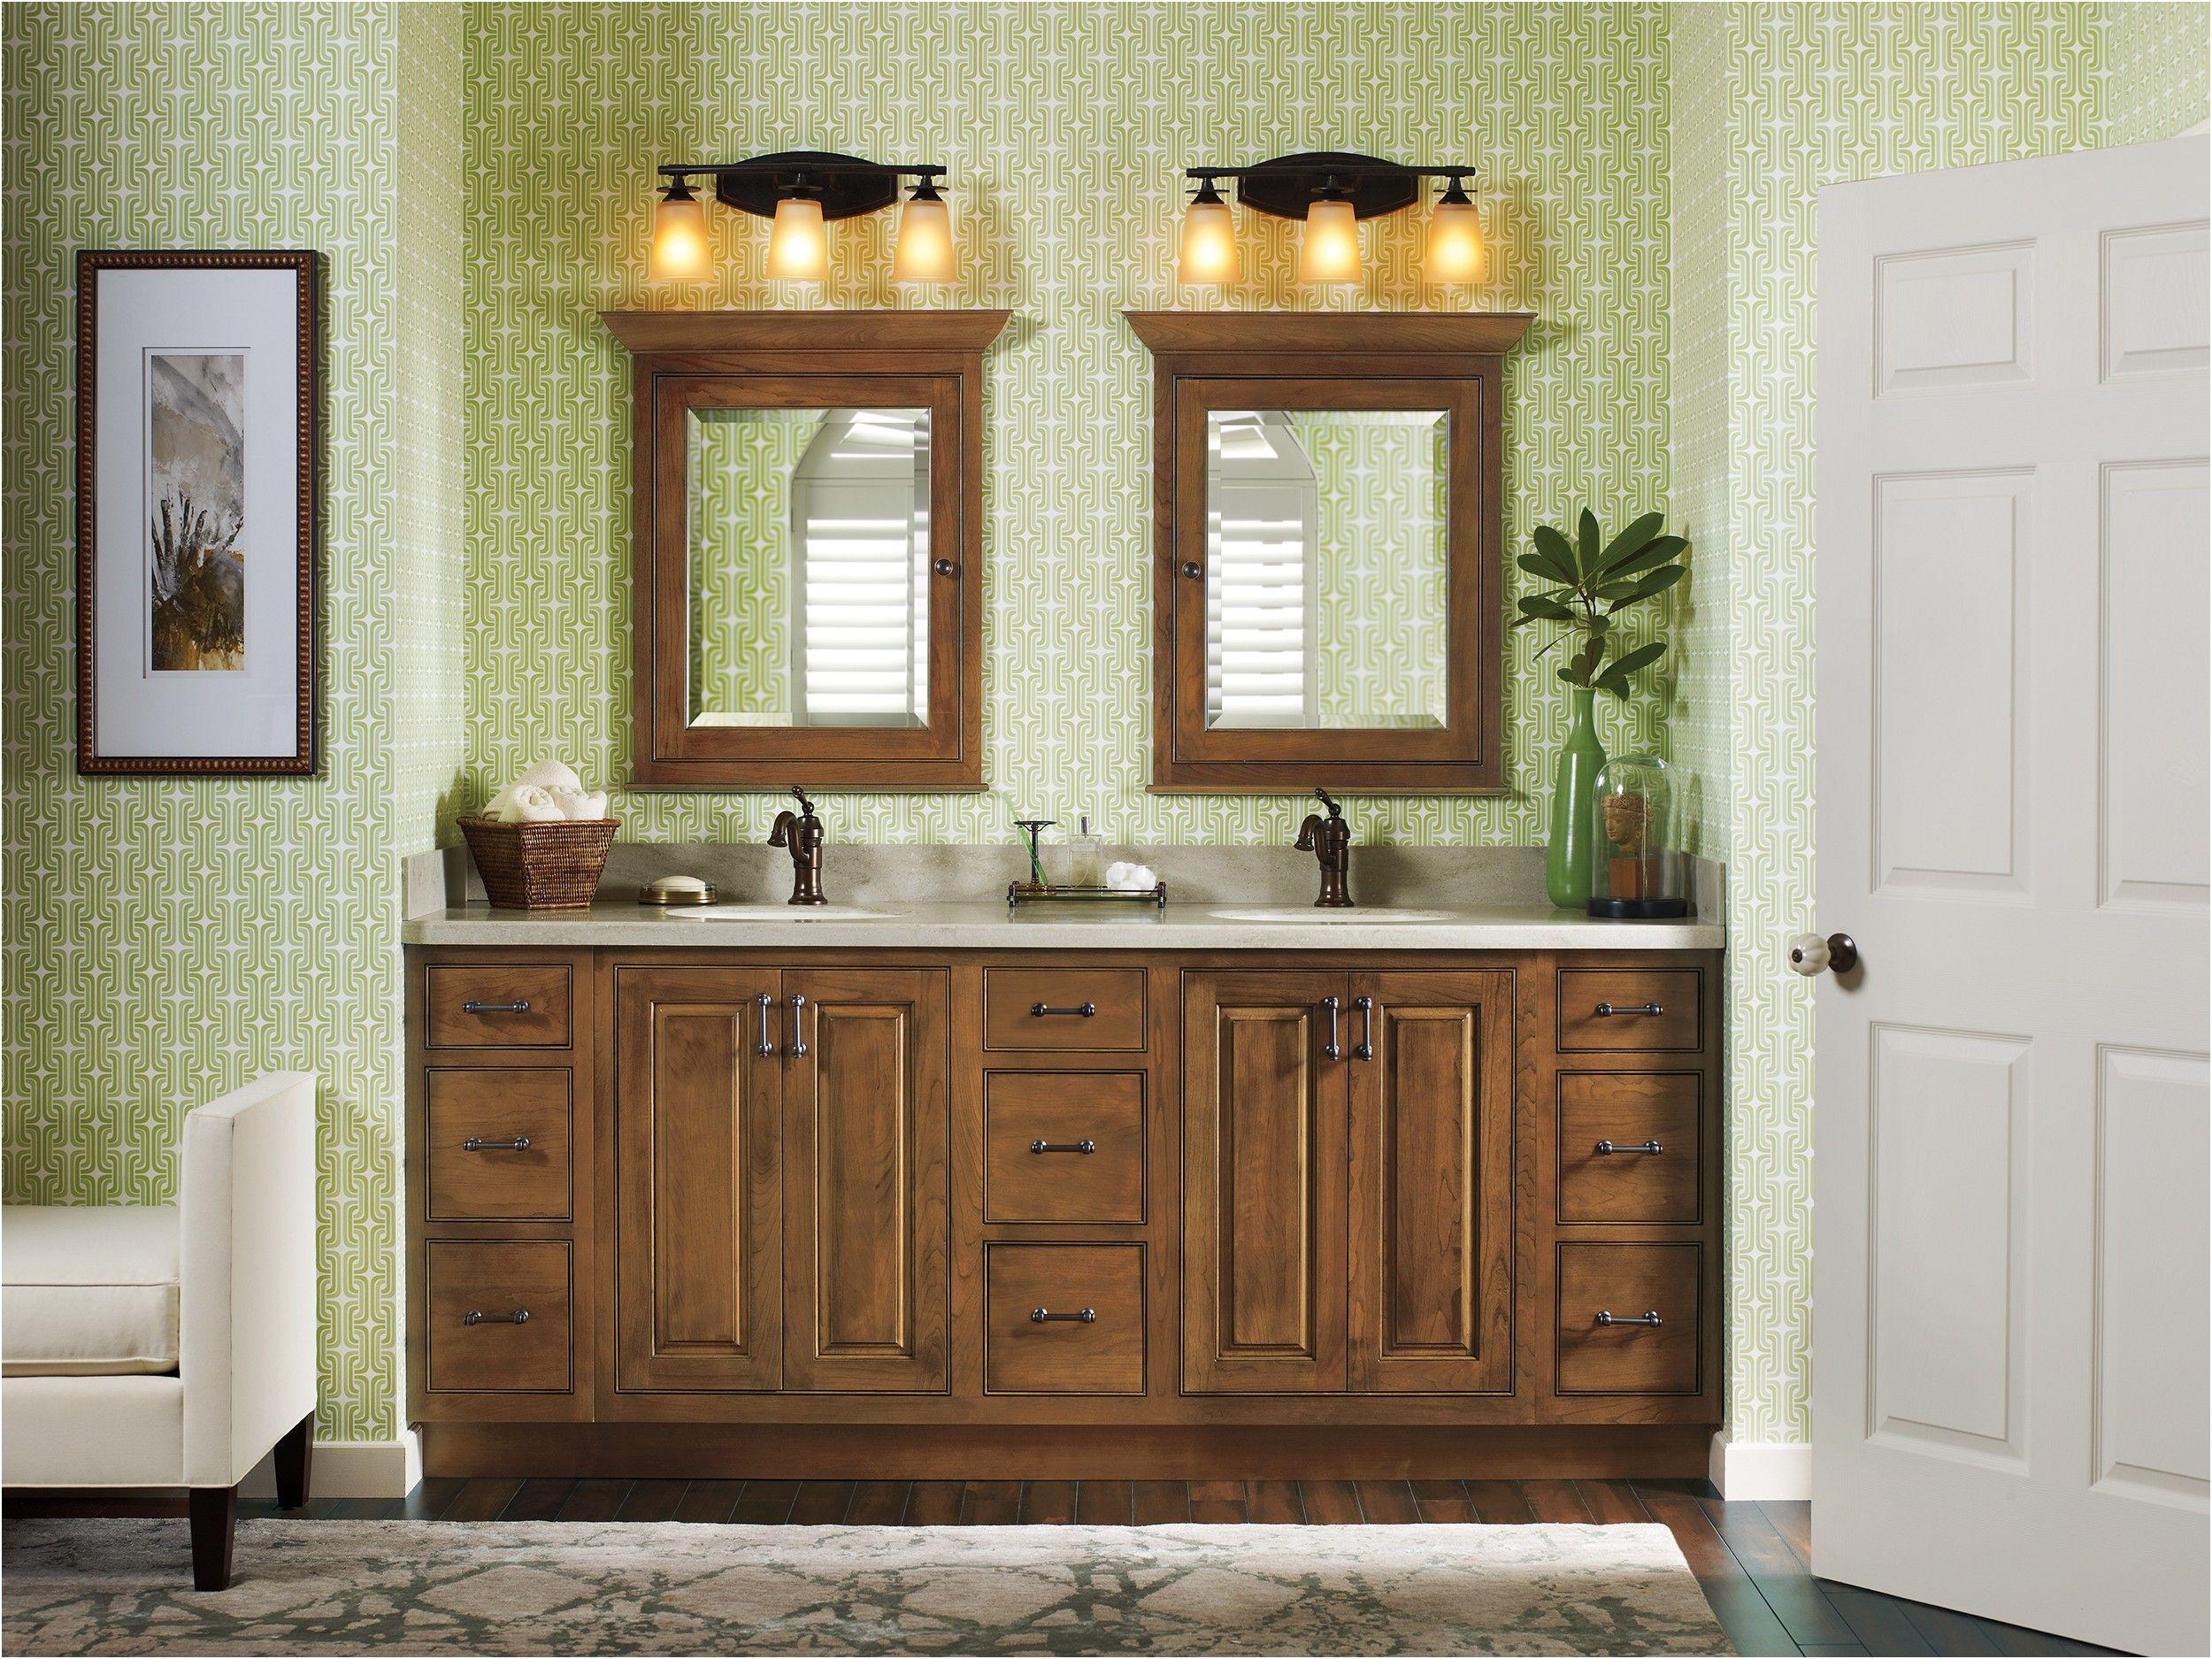 Bathroom Omega Bathroom Cabinet From Omega Bathroom Cabinets